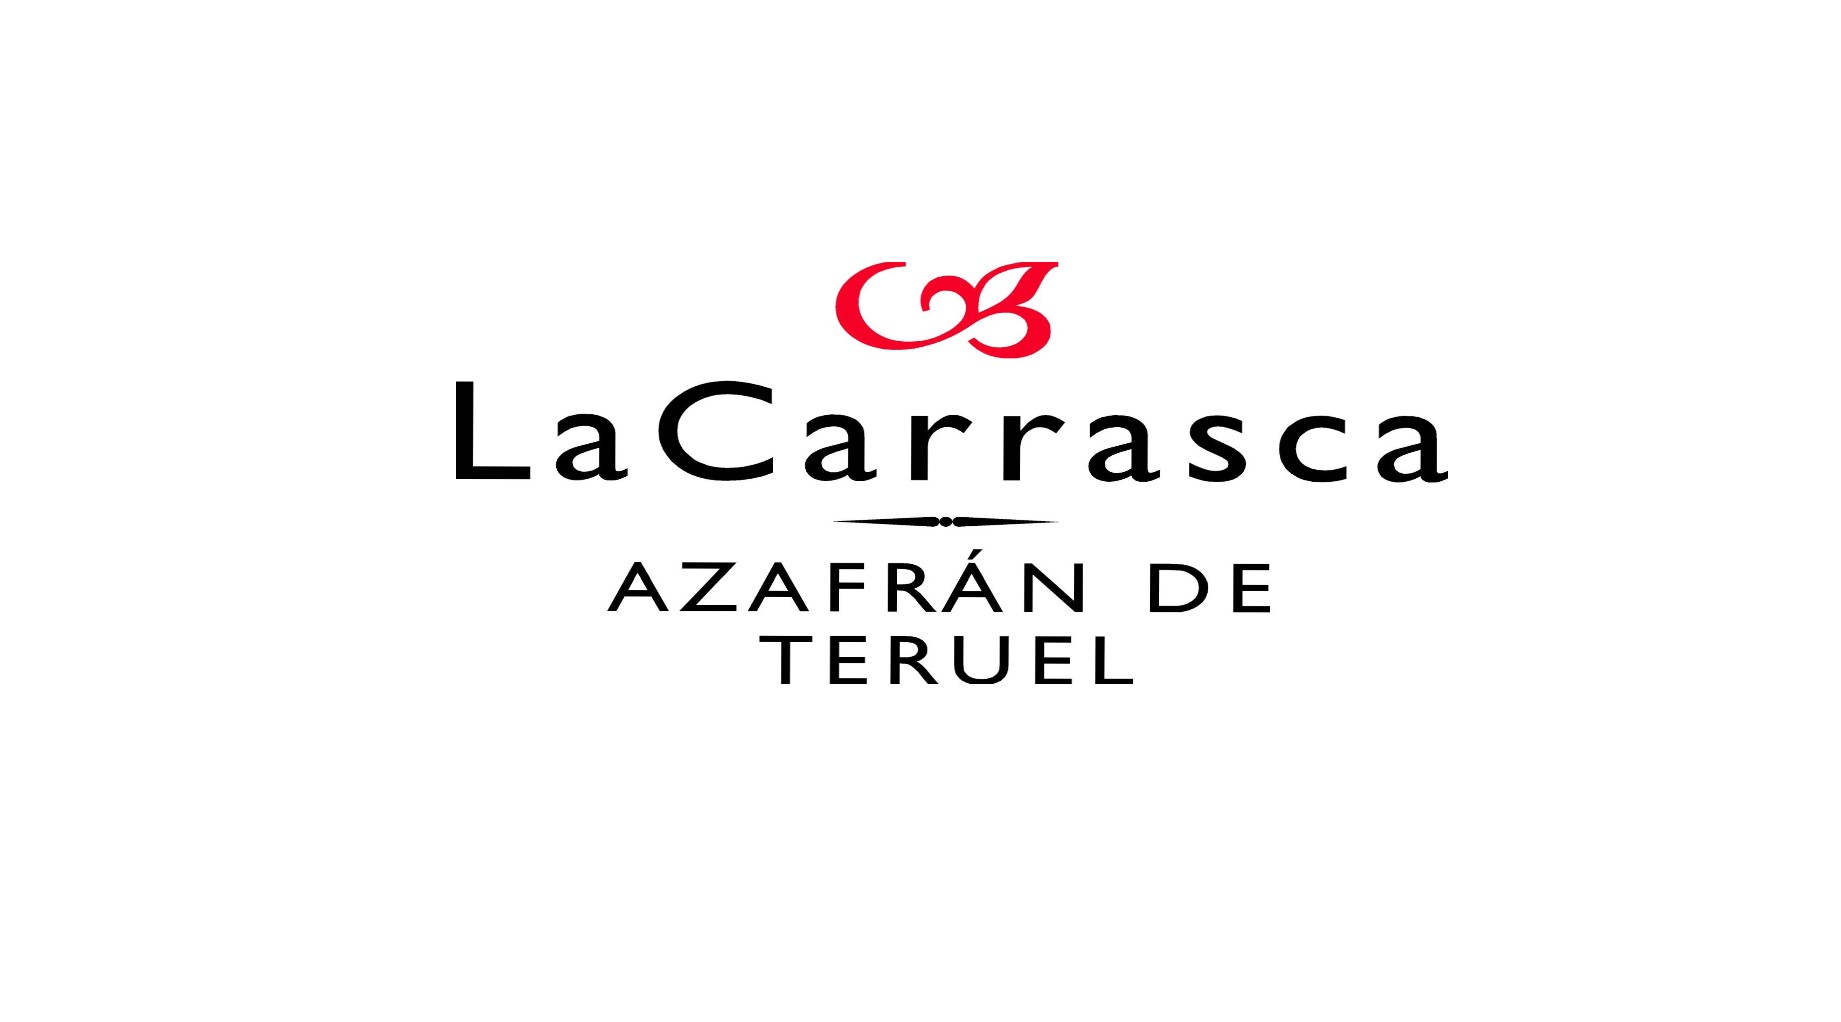 azafran_la_carrasca